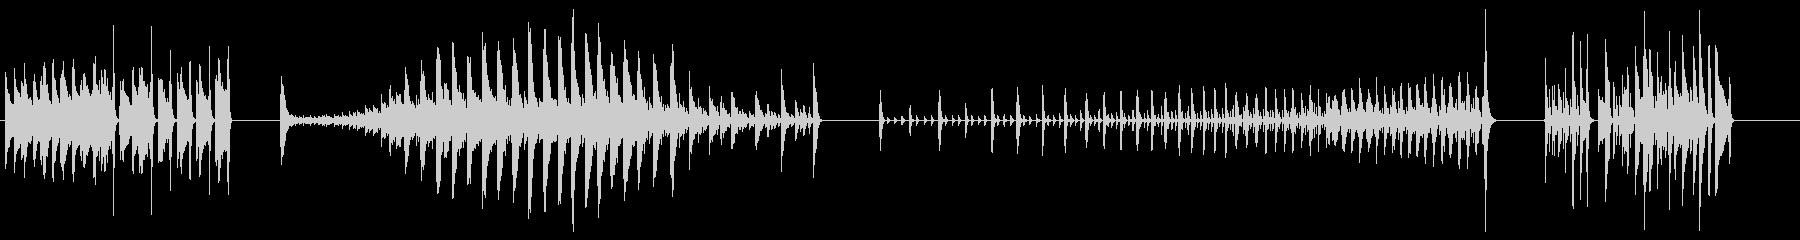 ハイハットプレイ-4エフェクト;さ...の未再生の波形